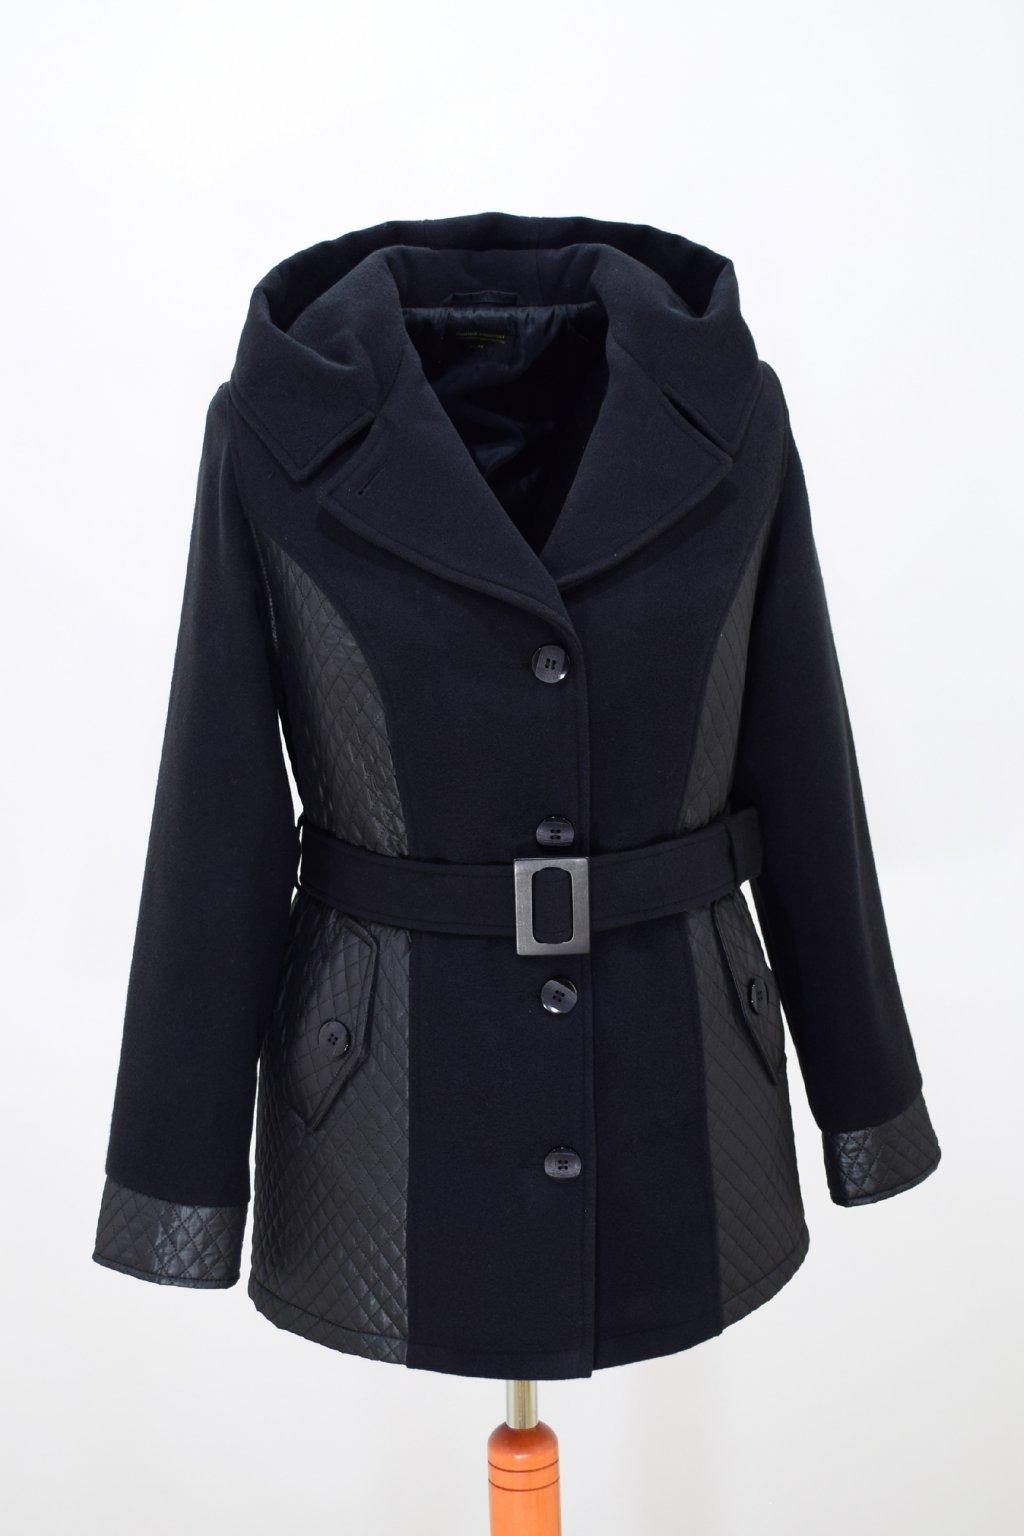 Dámský černý zimní kabátek Aneta nadměrné velikosti.